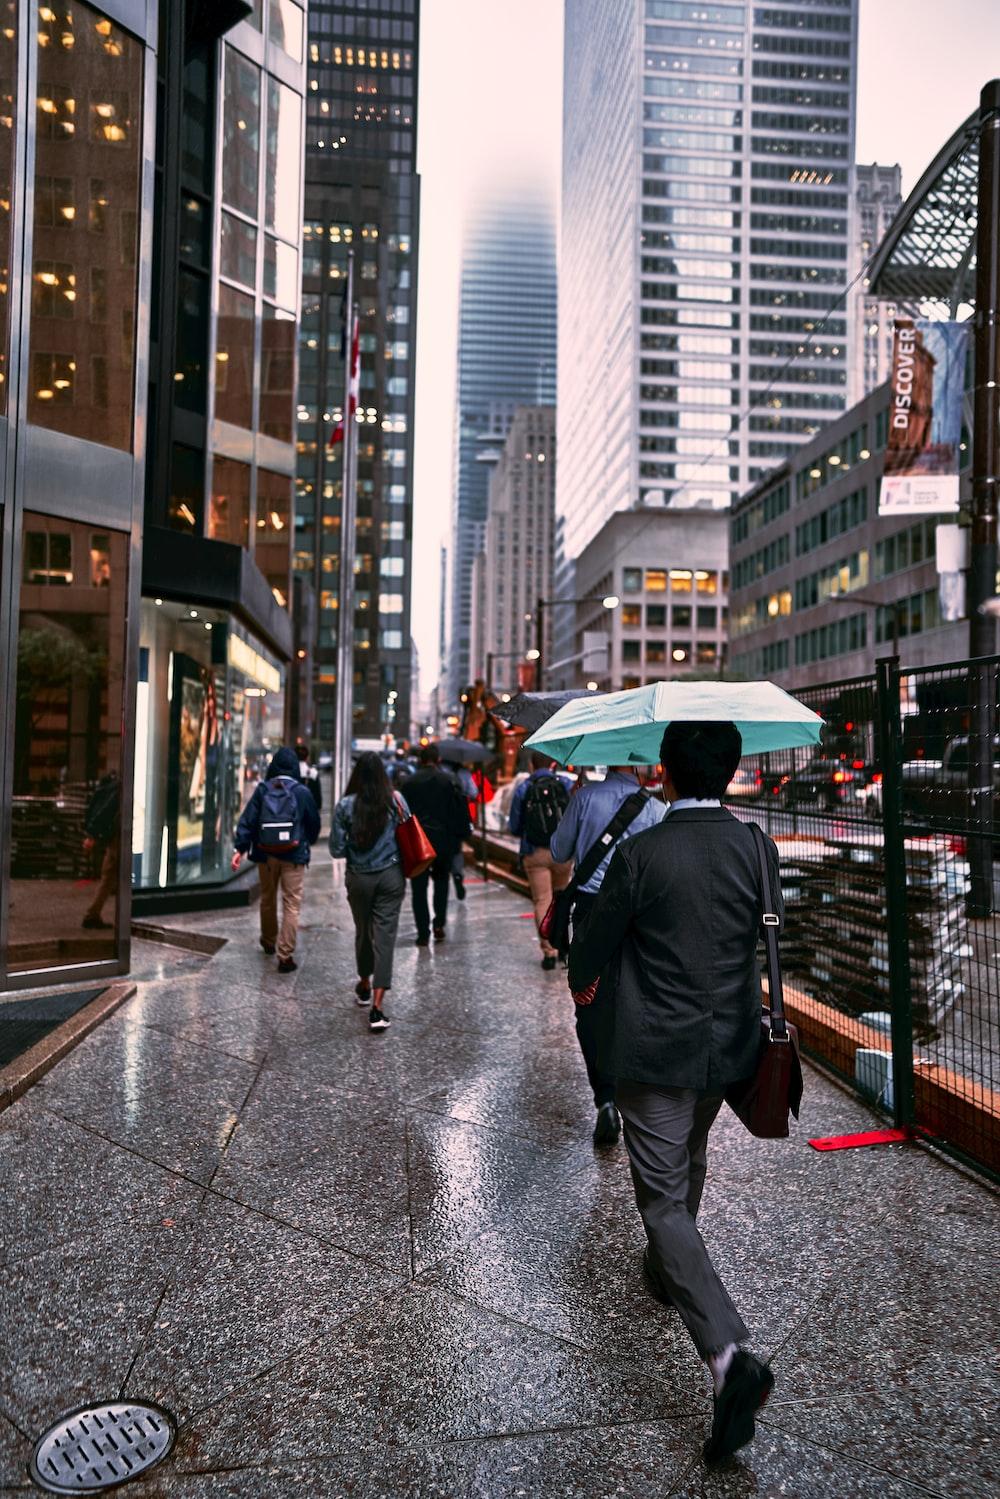 people walking beside high buildings during daytime